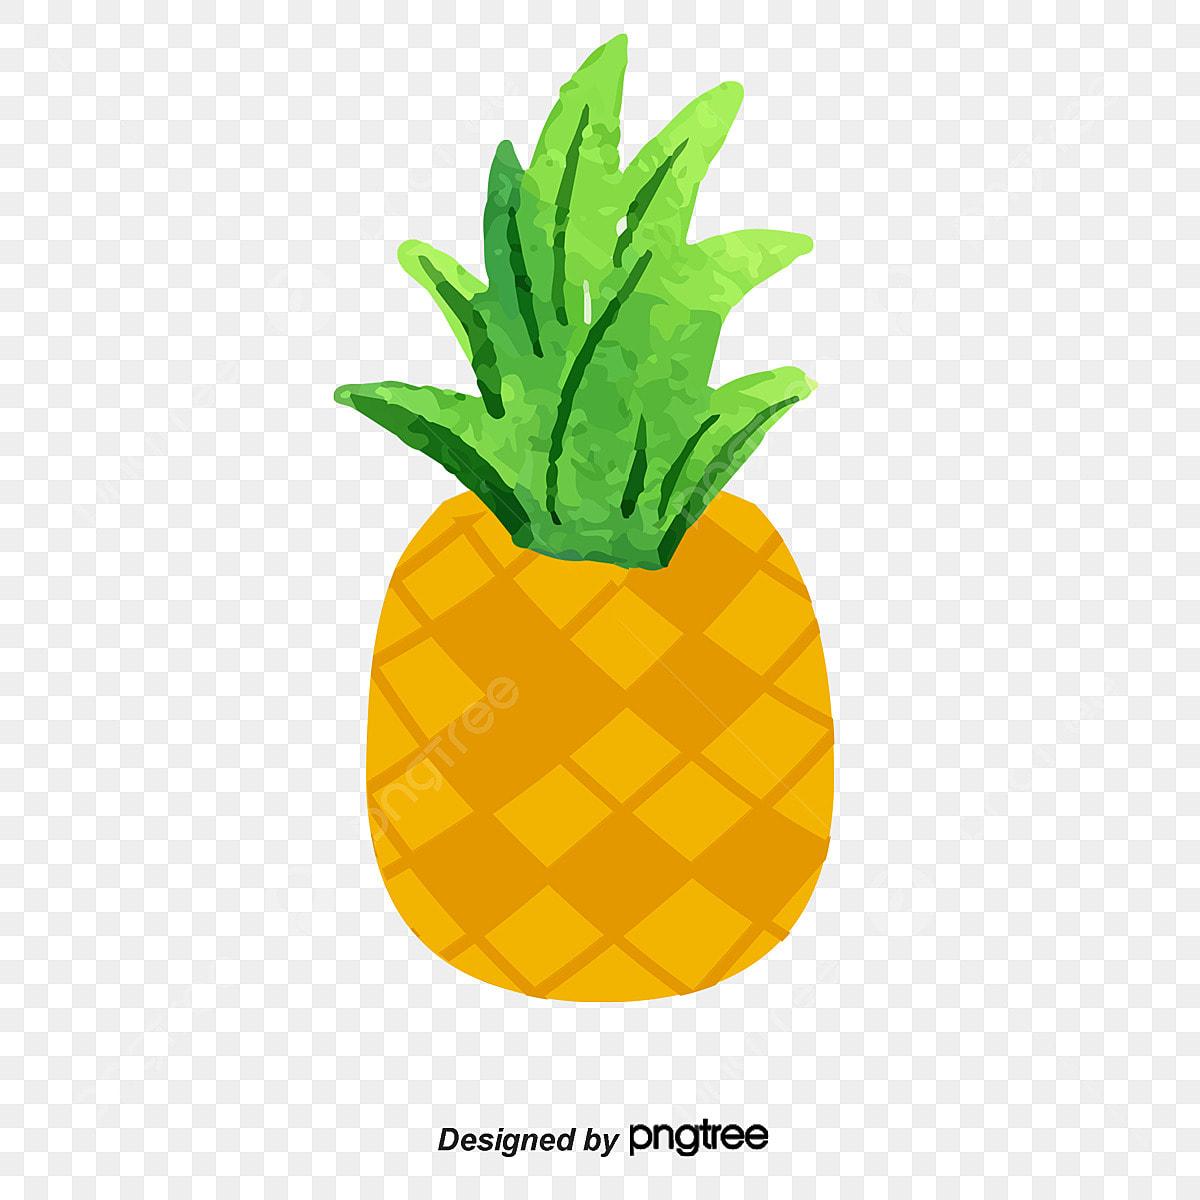 Ananas Rysunek kreskówki ręka rysująca owocowa ananasowa ilustracja pyszne